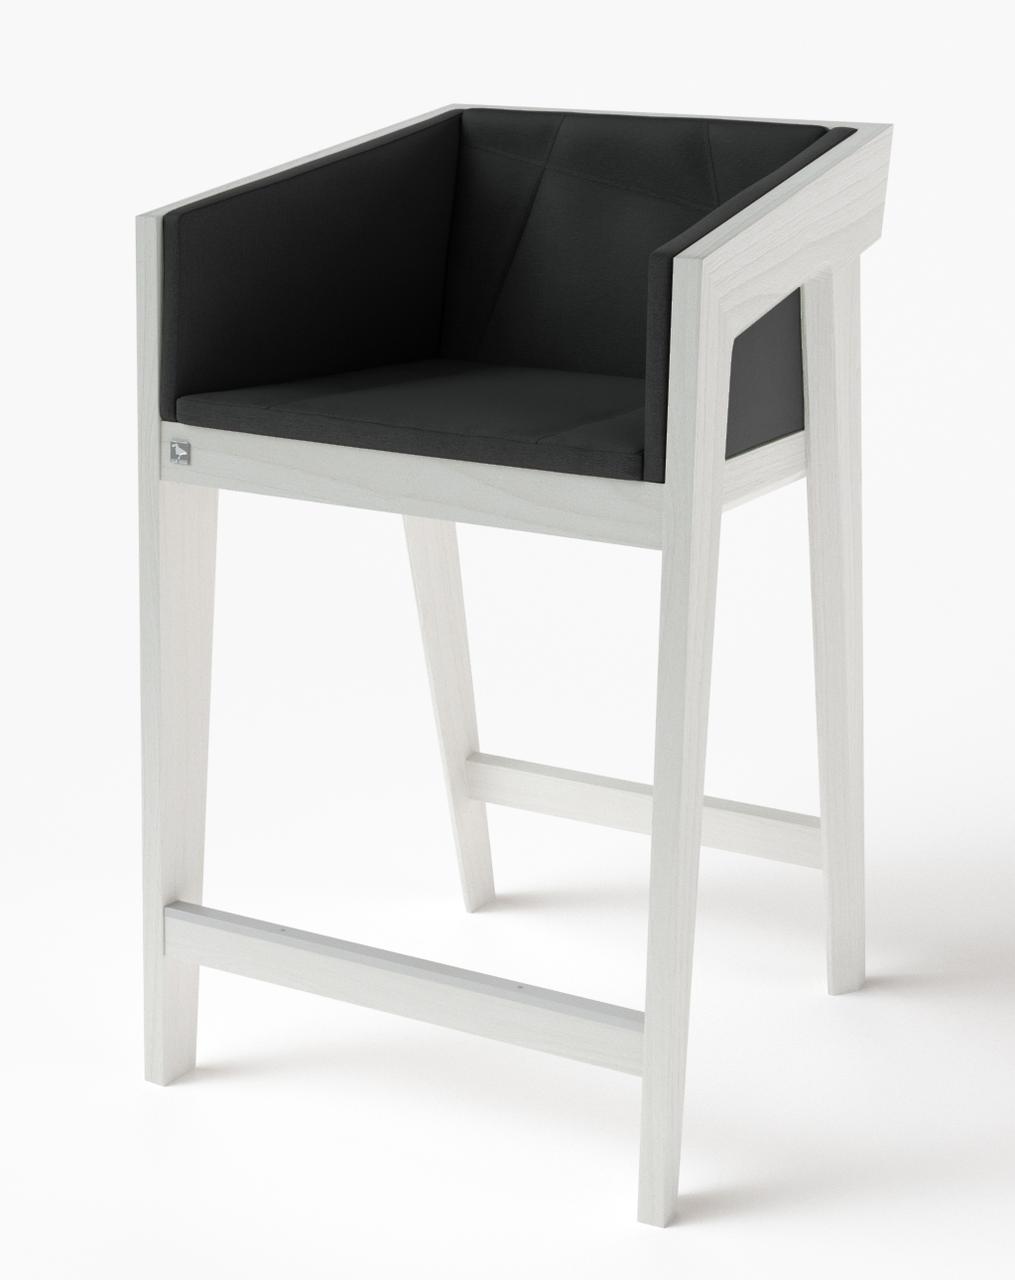 Полубарный стул Air 2 bar s 4 soft white ТМ Kint